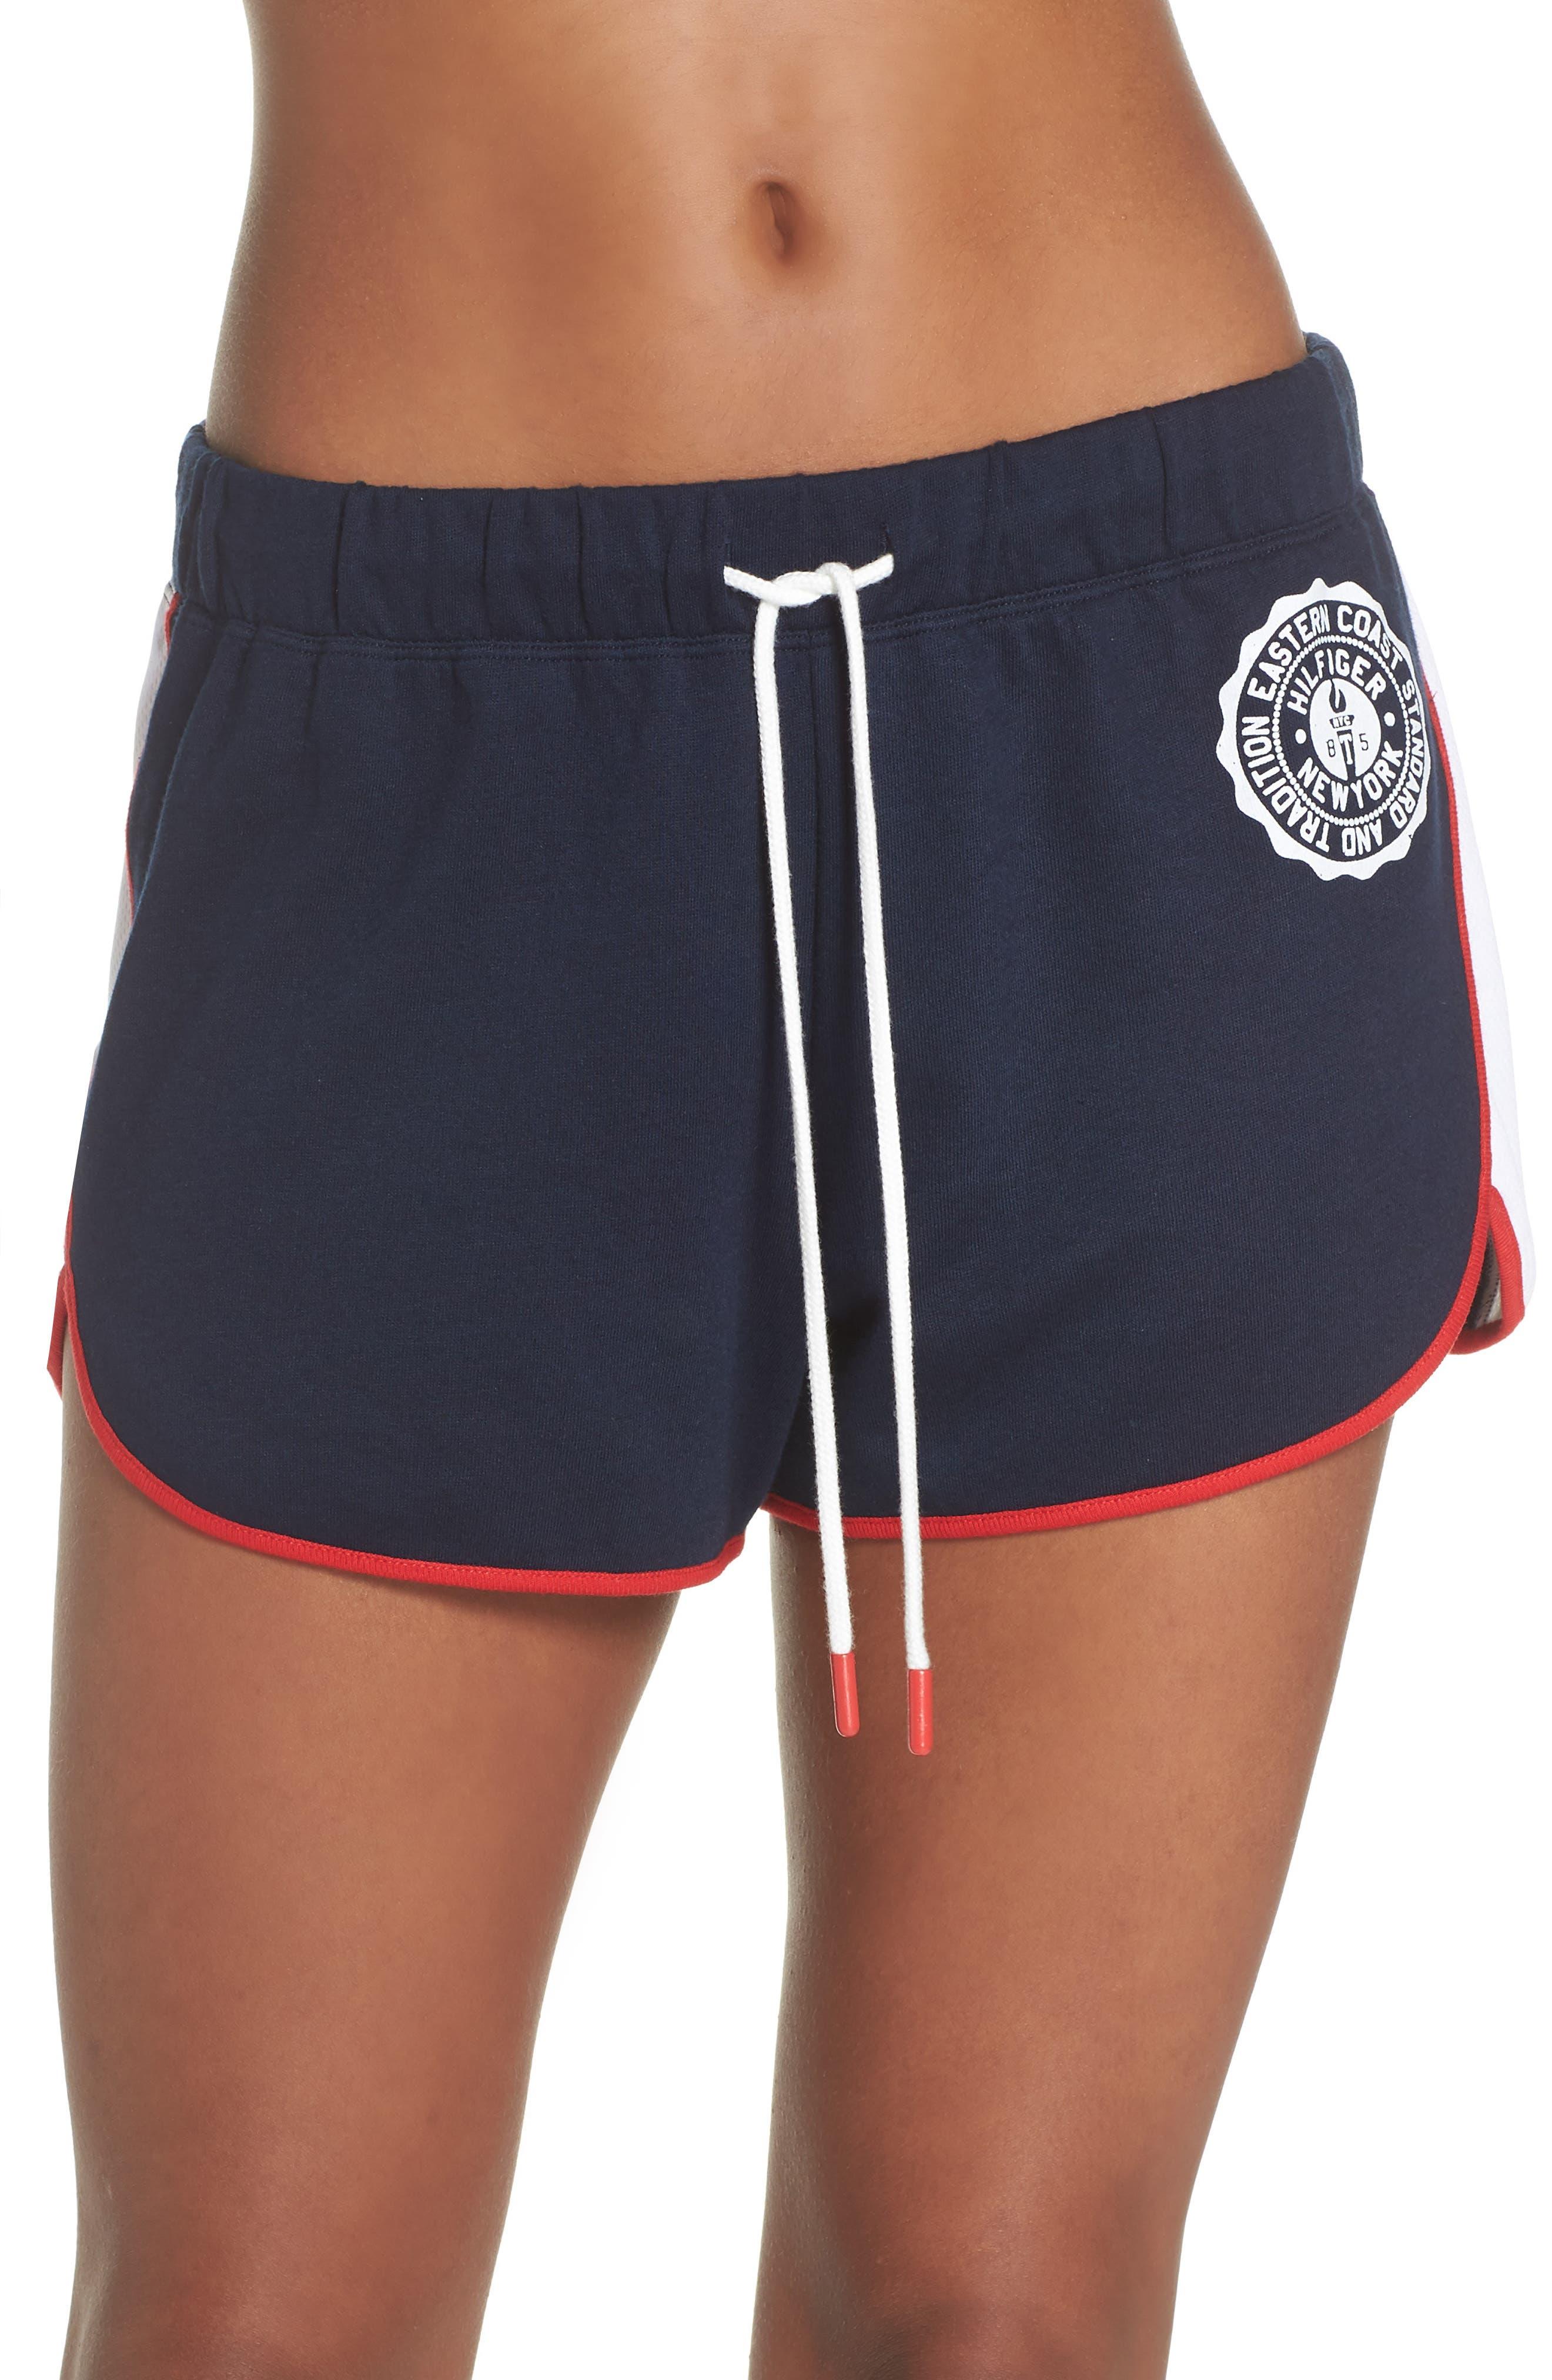 Lounge Shorts,                             Main thumbnail 1, color,                             429